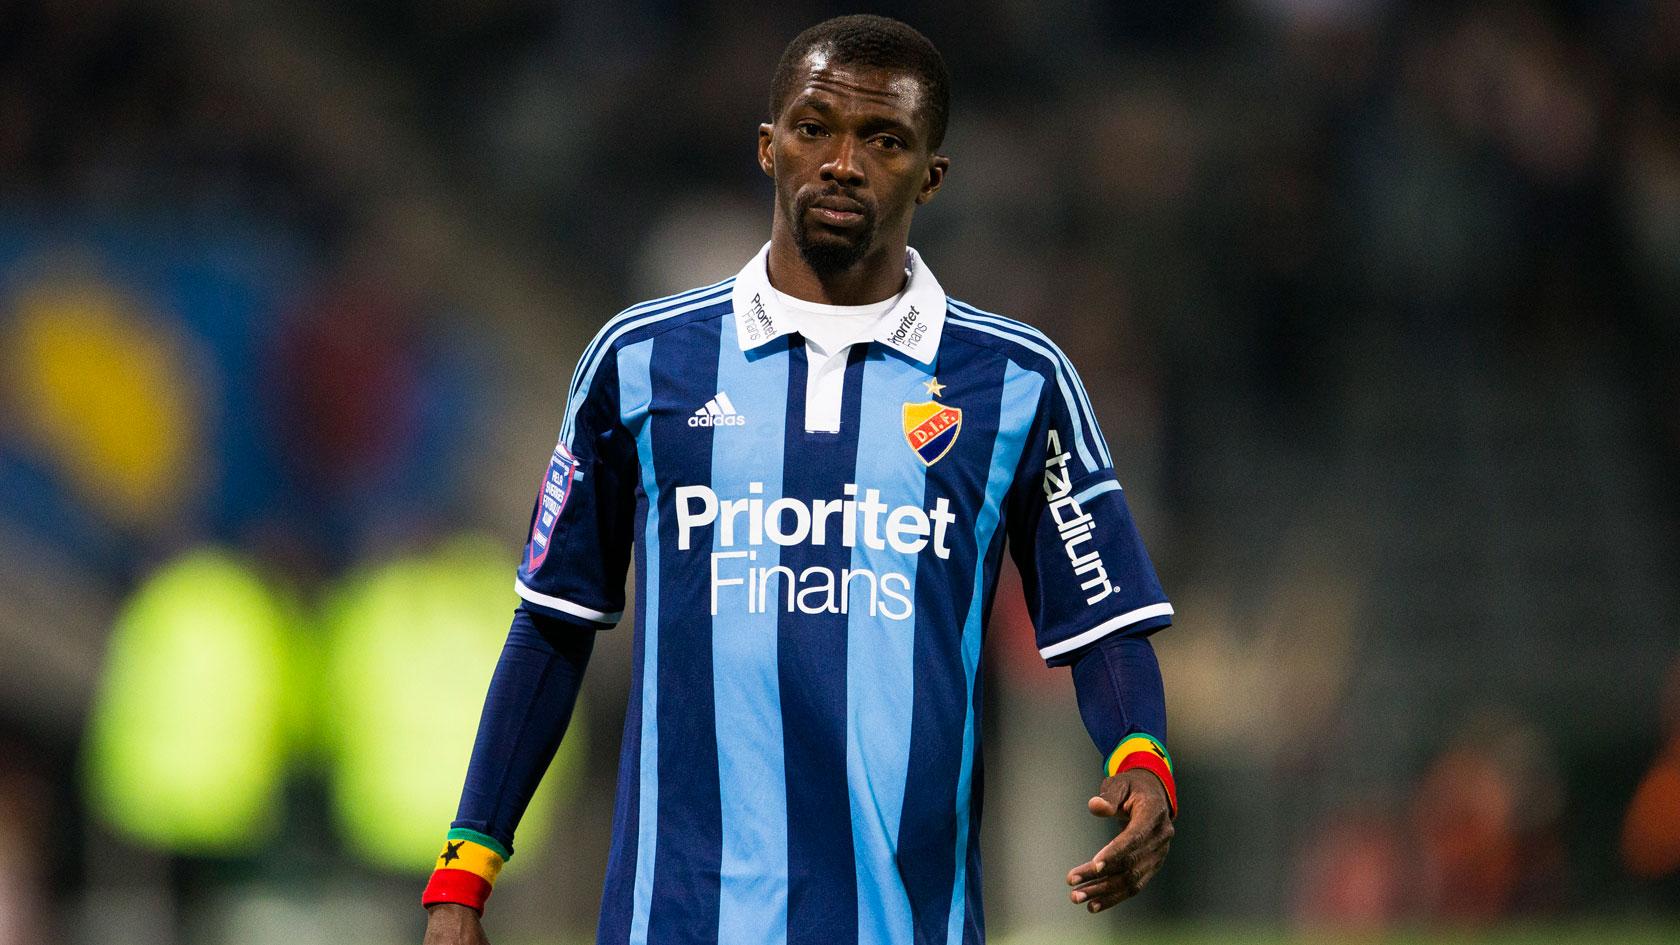 Yusif Chibsah has left Djurgarden for Turkish second tier side Antalyaspor.